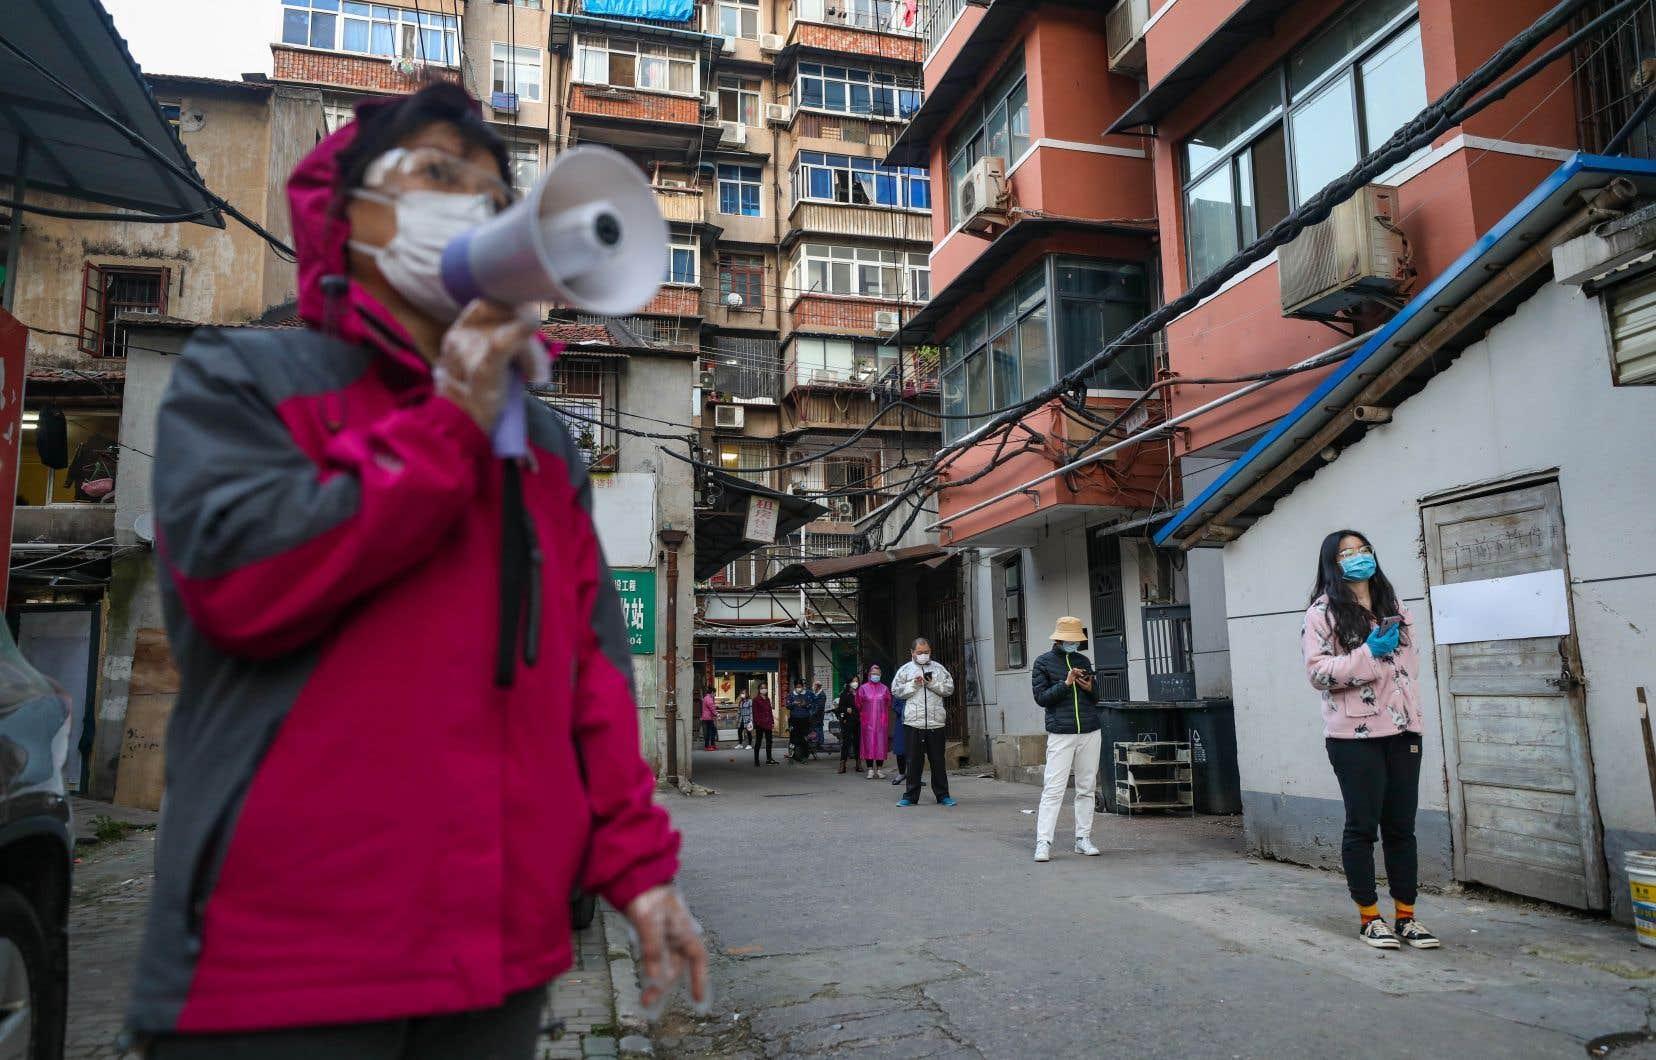 Lorsque les autorités chinoises ont verrouillé Wuhan il y a plus de deux mois, la décision a été perçue comme une mesure très drastique dans la lutte contre la propagation de la pandémie.